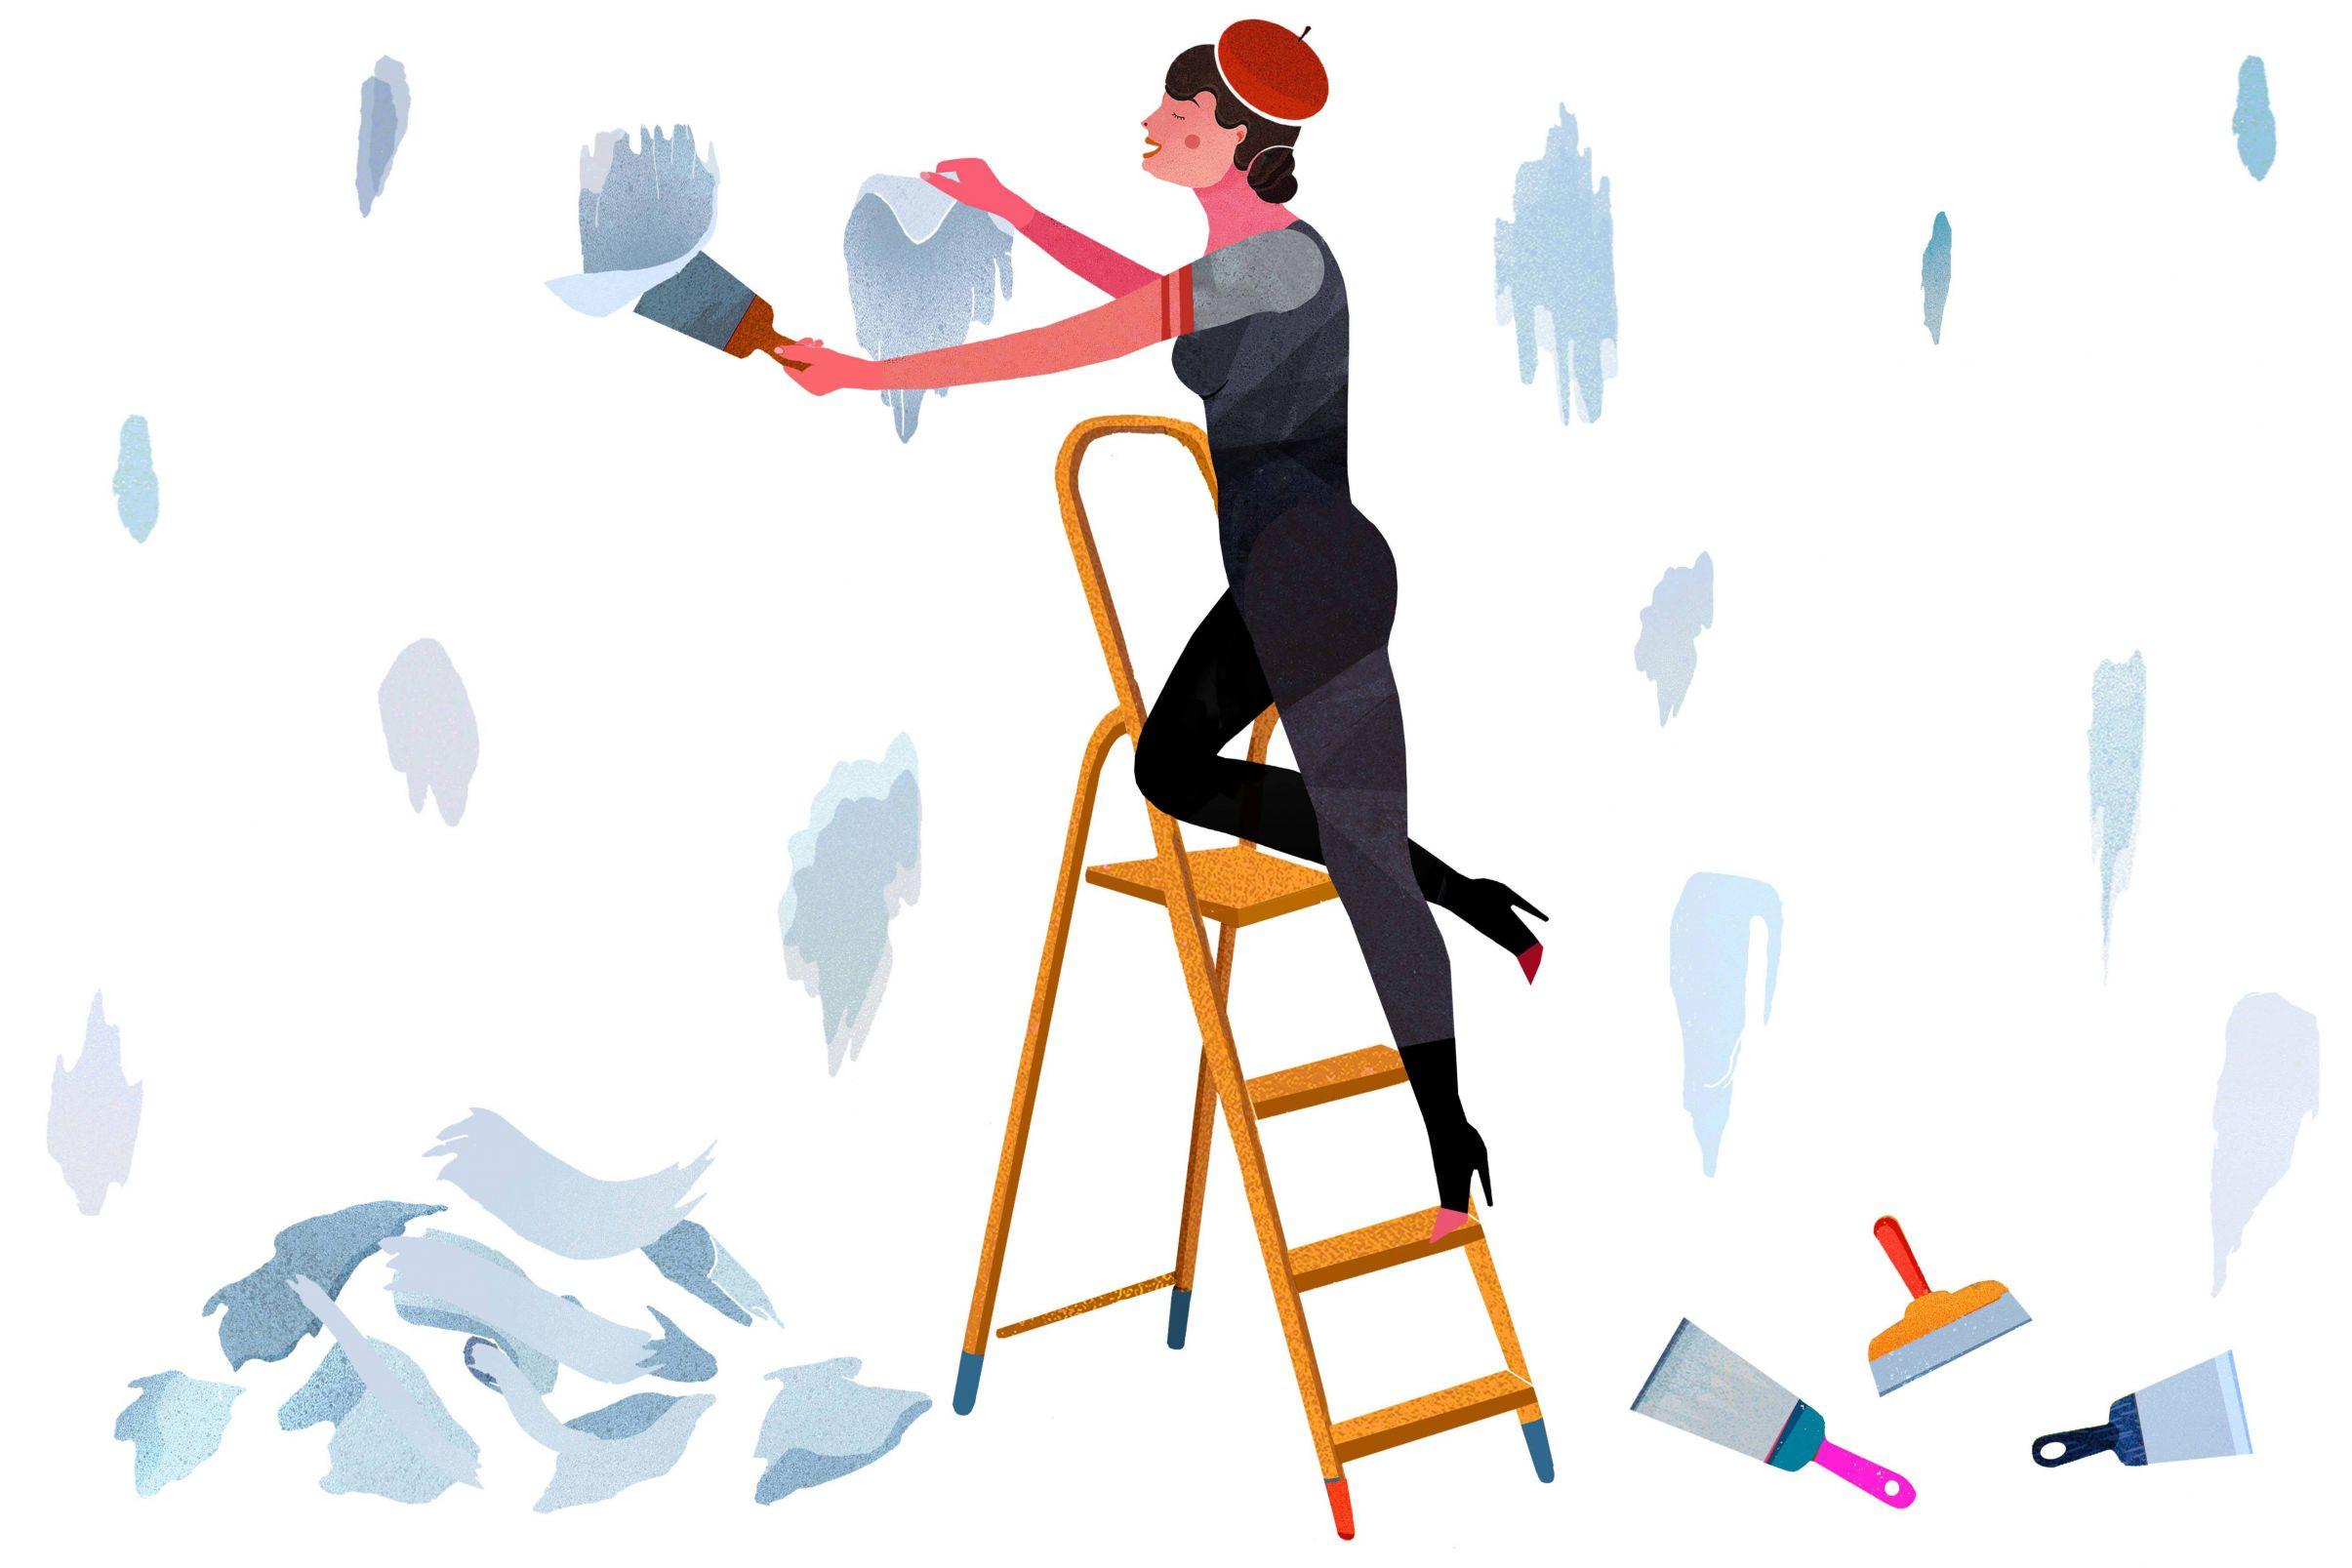 Como-remover-o-velho-papel-de-parede-Retire-pedacos-de-papel-de-parede-com-uma-espatula